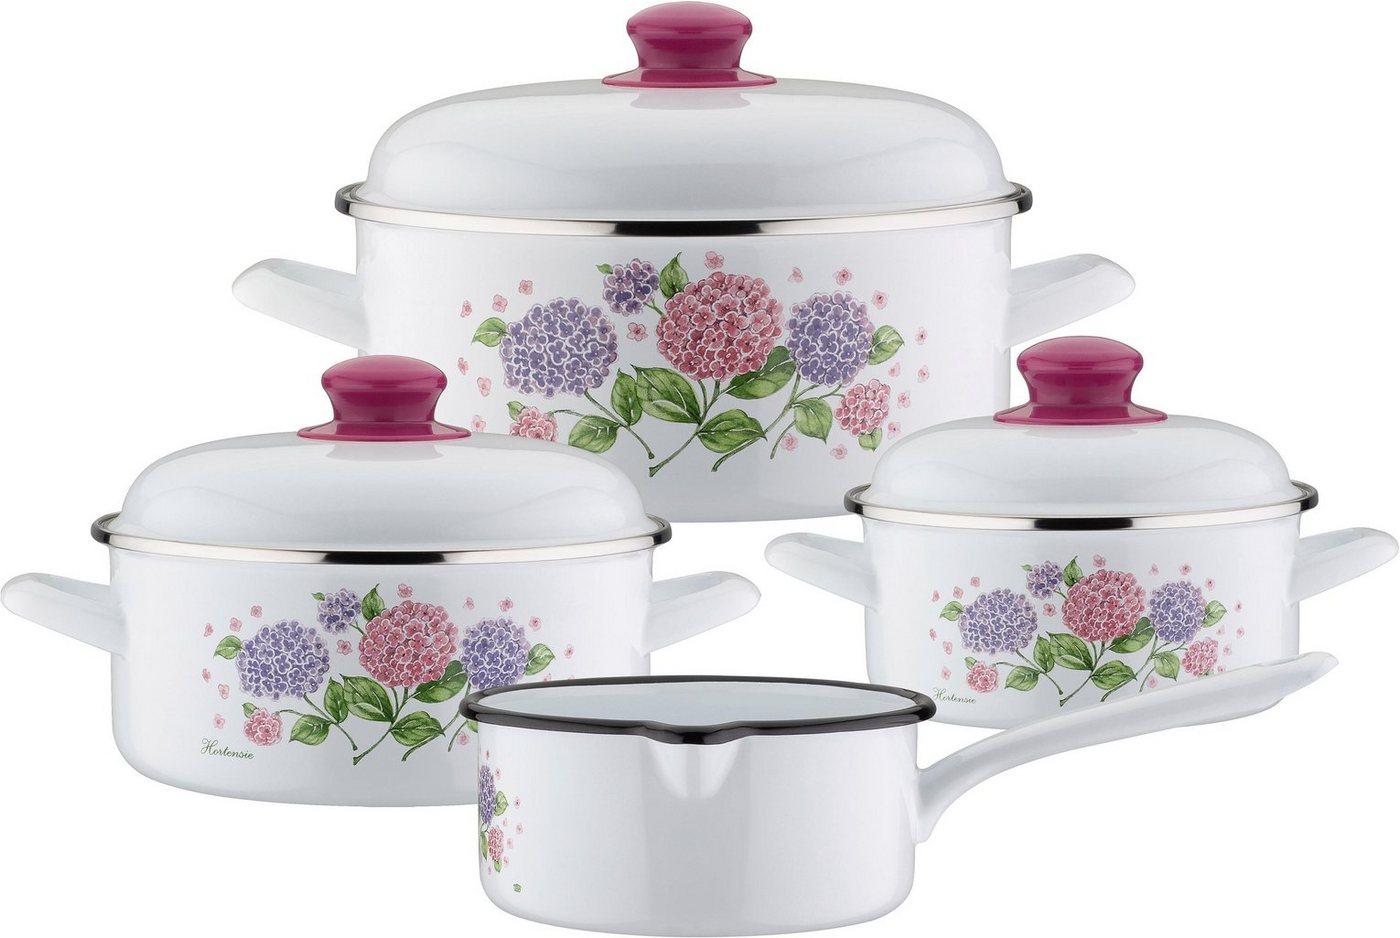 GSW Topf-Set »Hortensie«, Stahl-Emaille, (Set, 7 tlg), Induktion | Küche und Esszimmer > Kochen und Backen > Töpfe | Weiß | Stahl | GSW